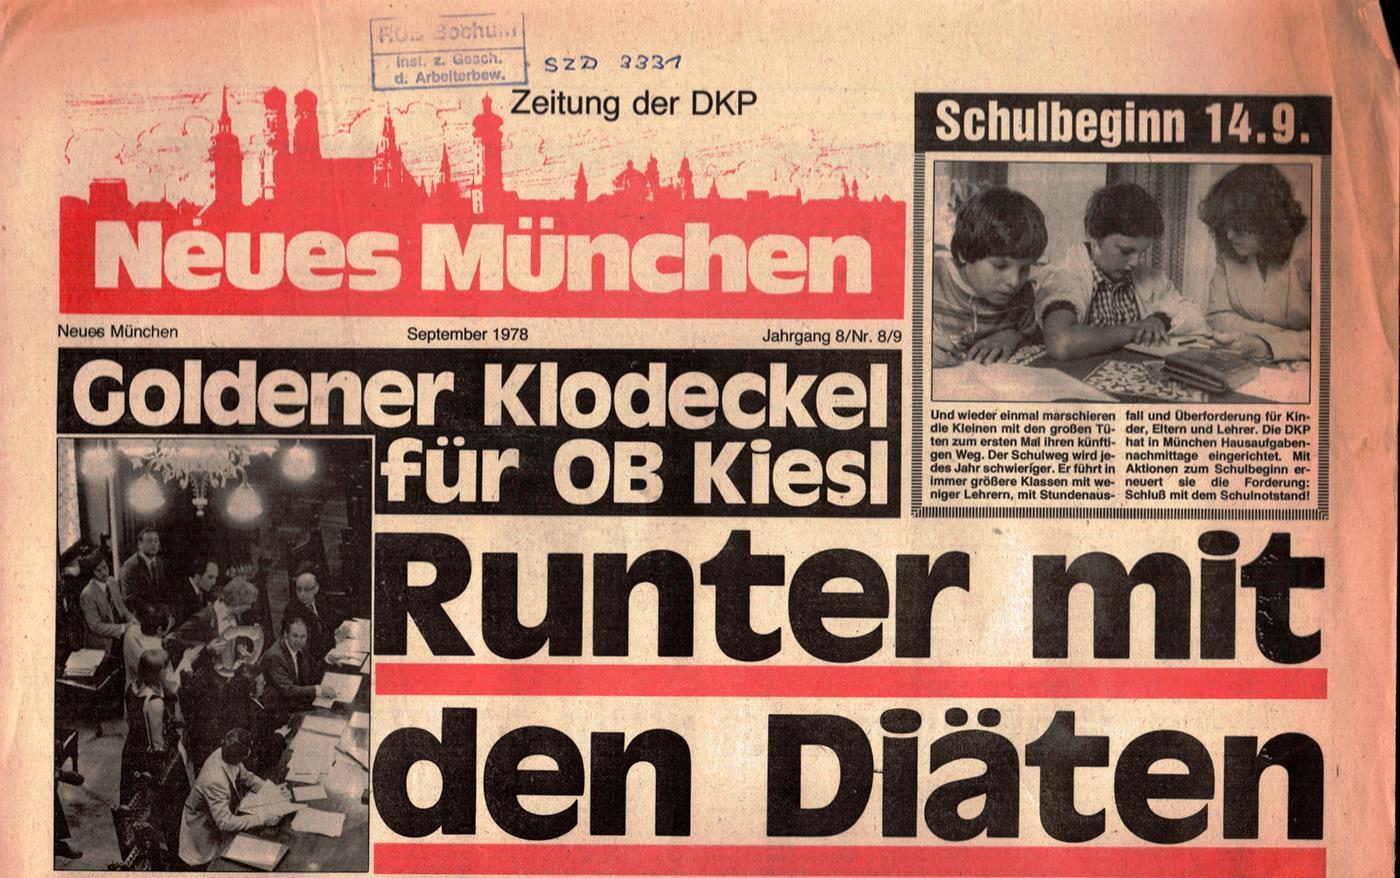 Muenchen_DKP_Neues_Muenchen_19780900_008_009_001